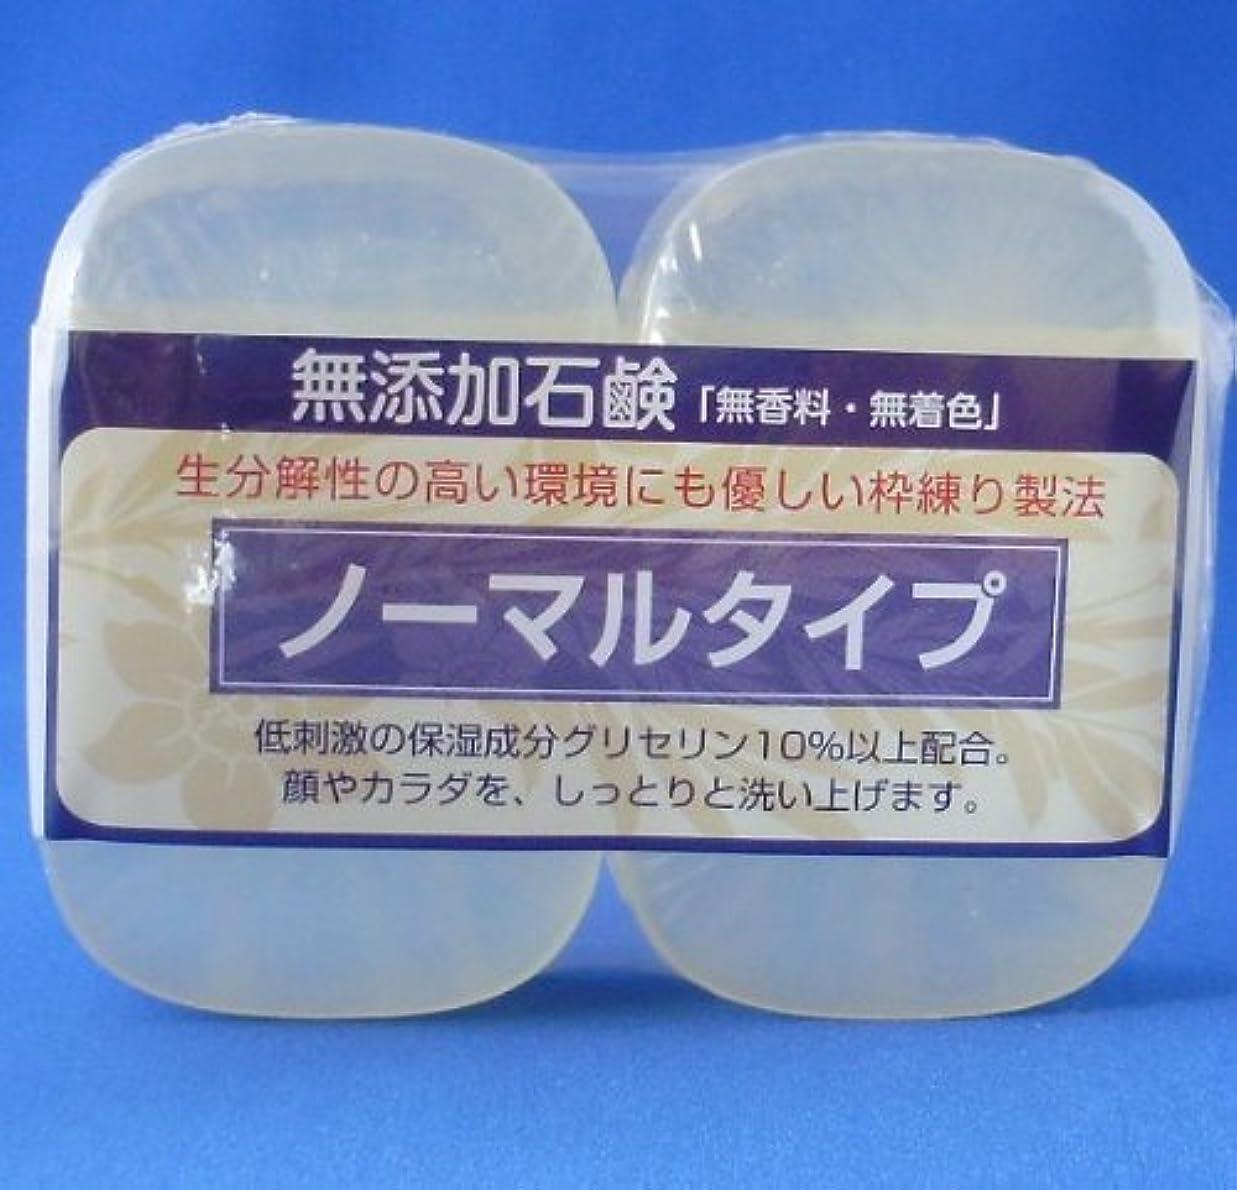 プロトタイプクリエイティブメンバー無添加石鹸 ノーマルタイプ 90g×2個